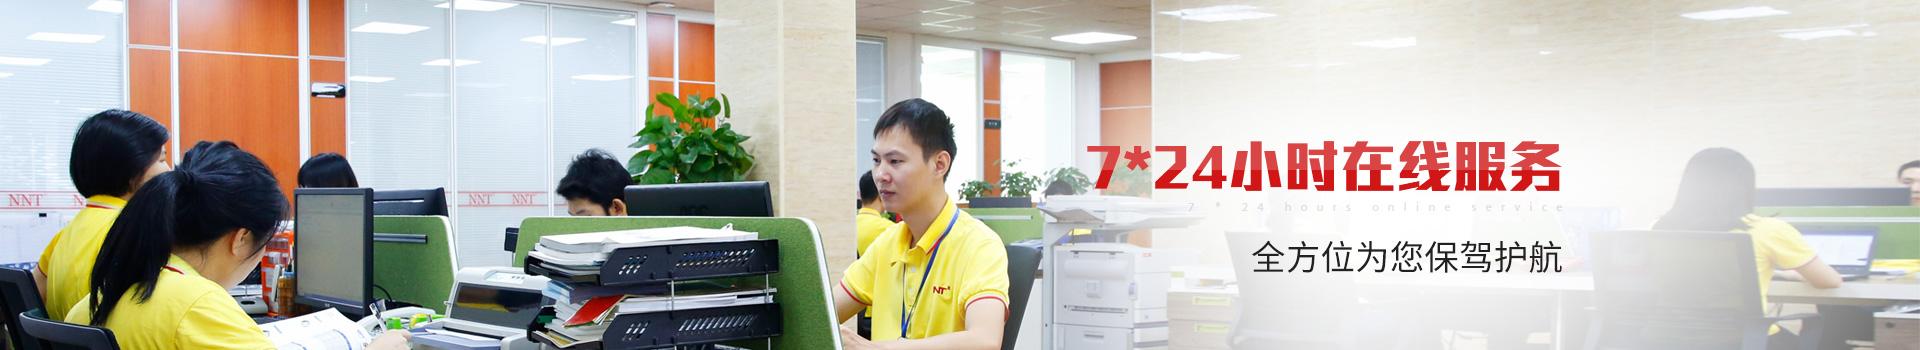 诺能泰7*24小时在线服务 全方位为您保驾护航